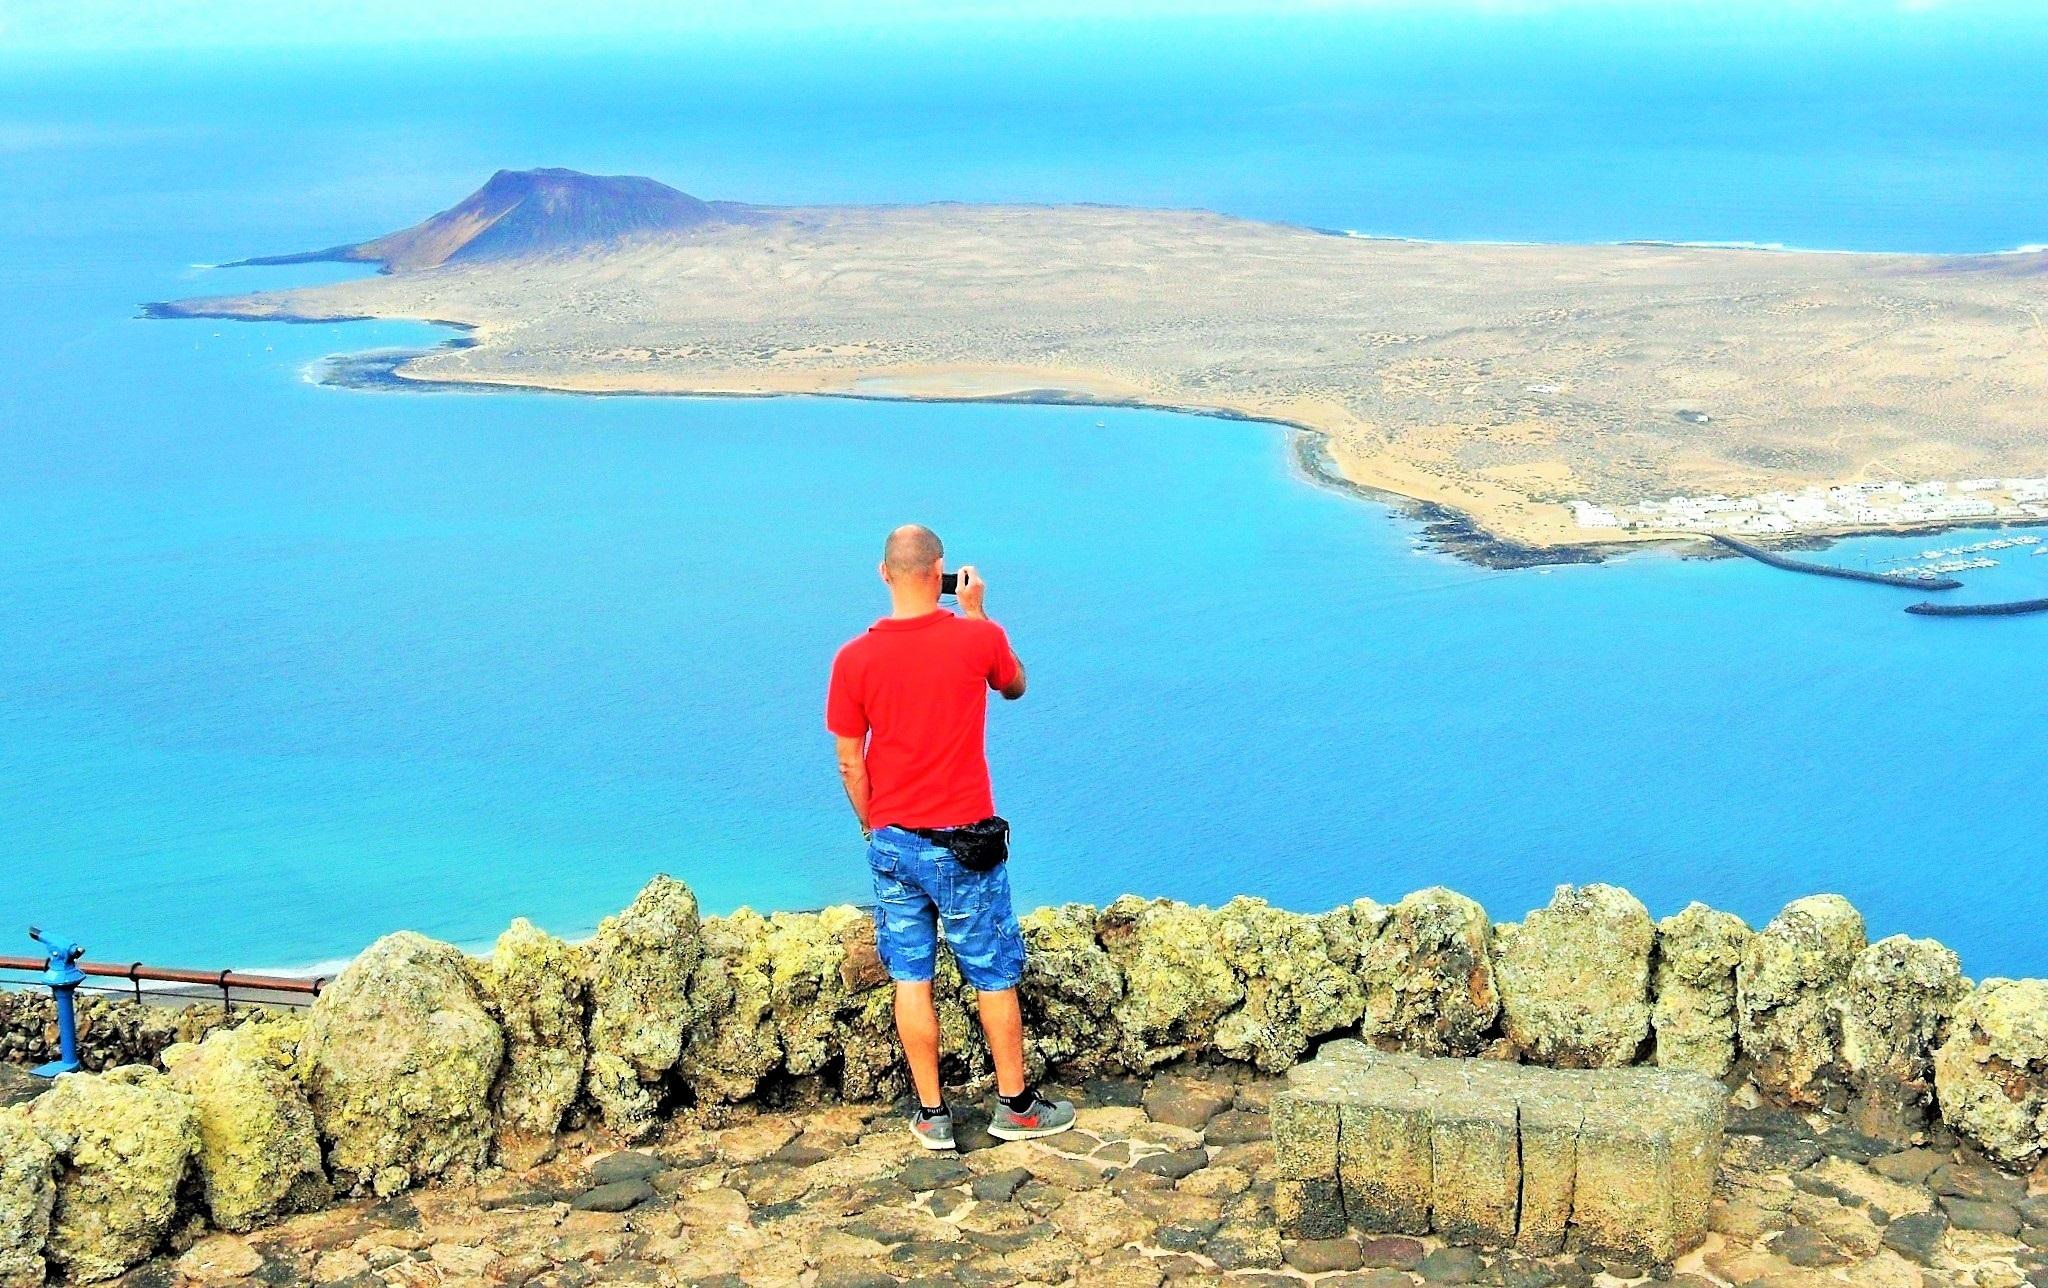 Turista mirando el Río, Mirador del Río, César Manrique, Lanzarote